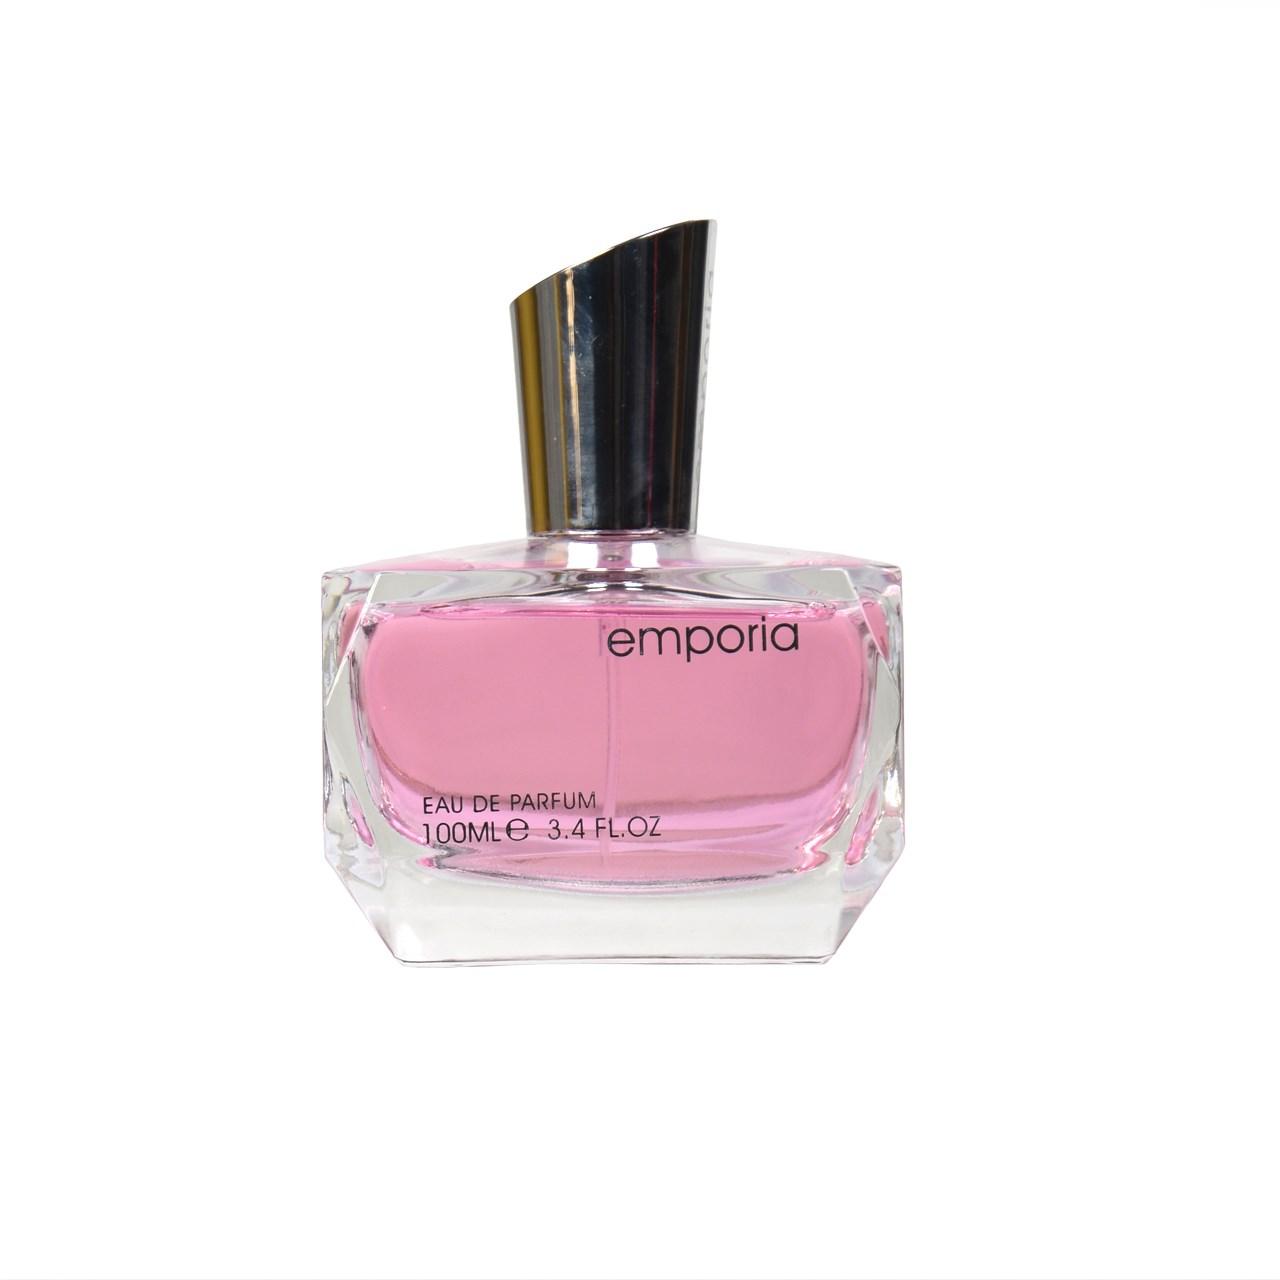 ادوپرفیوم زنانه فراگرنس ورد مدل Emporia حجم 100 میلی لیتر